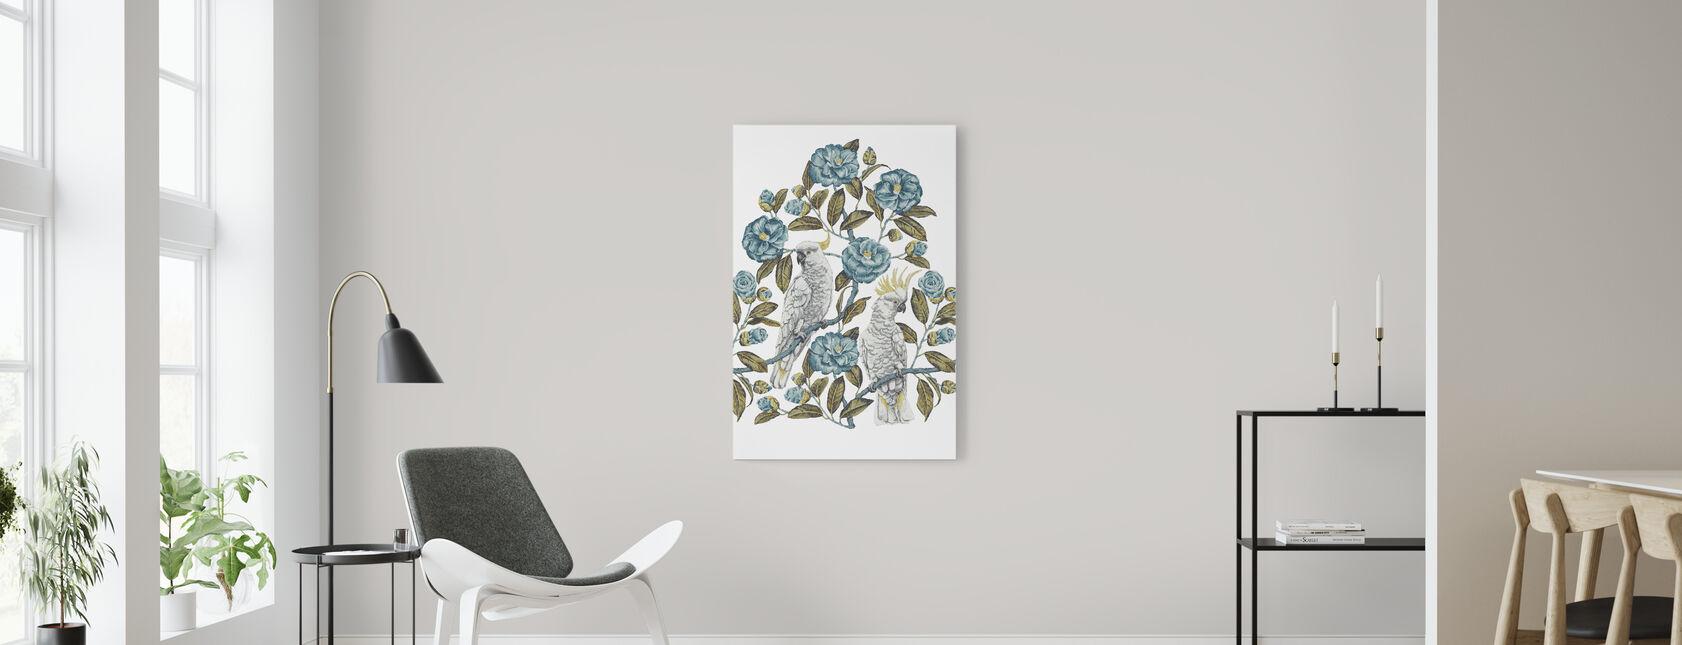 Cockatoo Paradise - Aquatic and Olive - Canvas print - Living Room